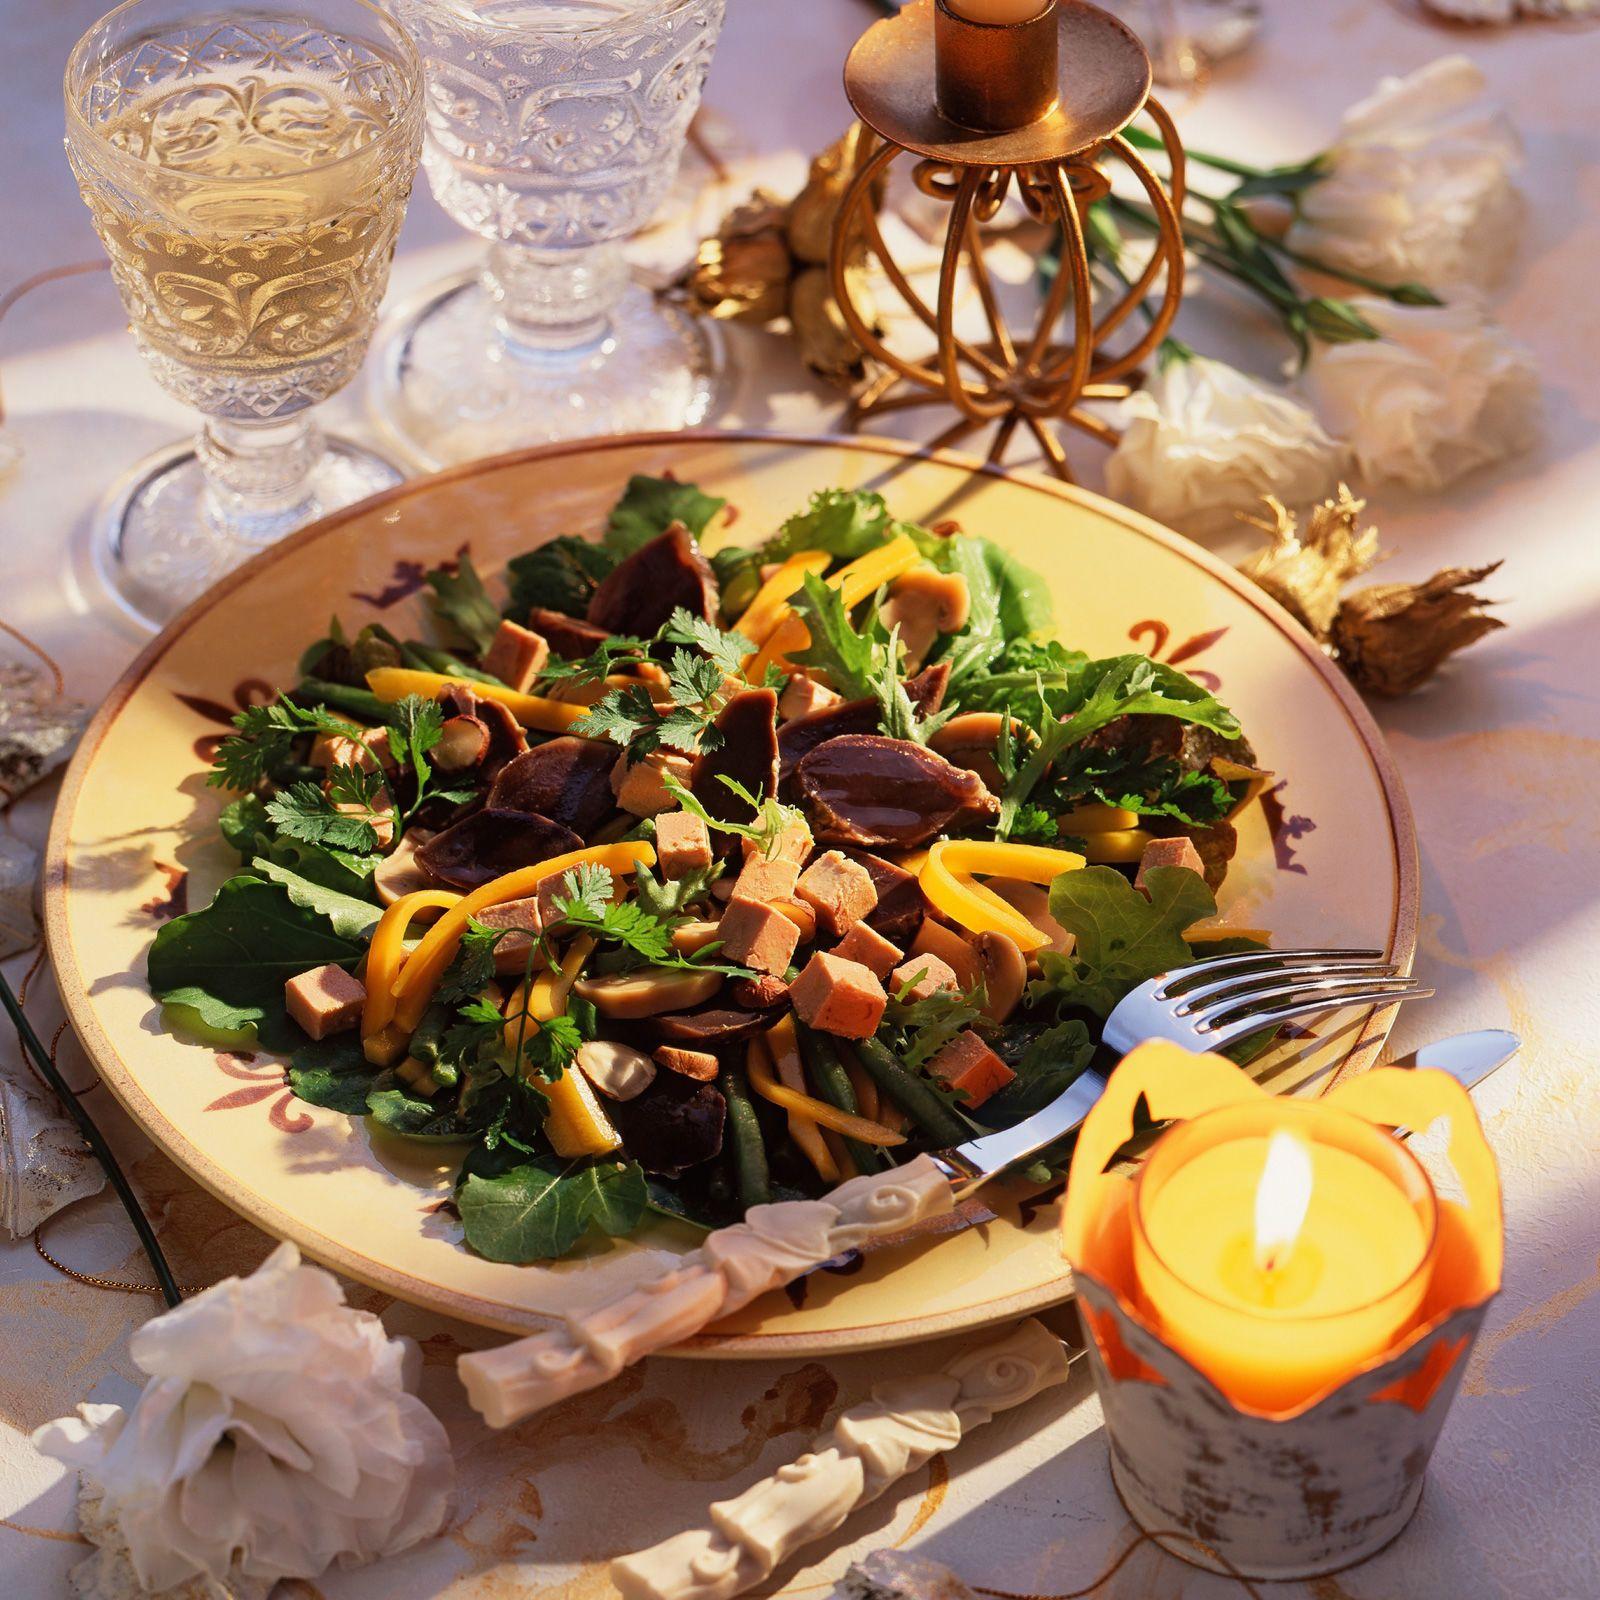 Découvrez la recette de la salade de foie gras à la mangue